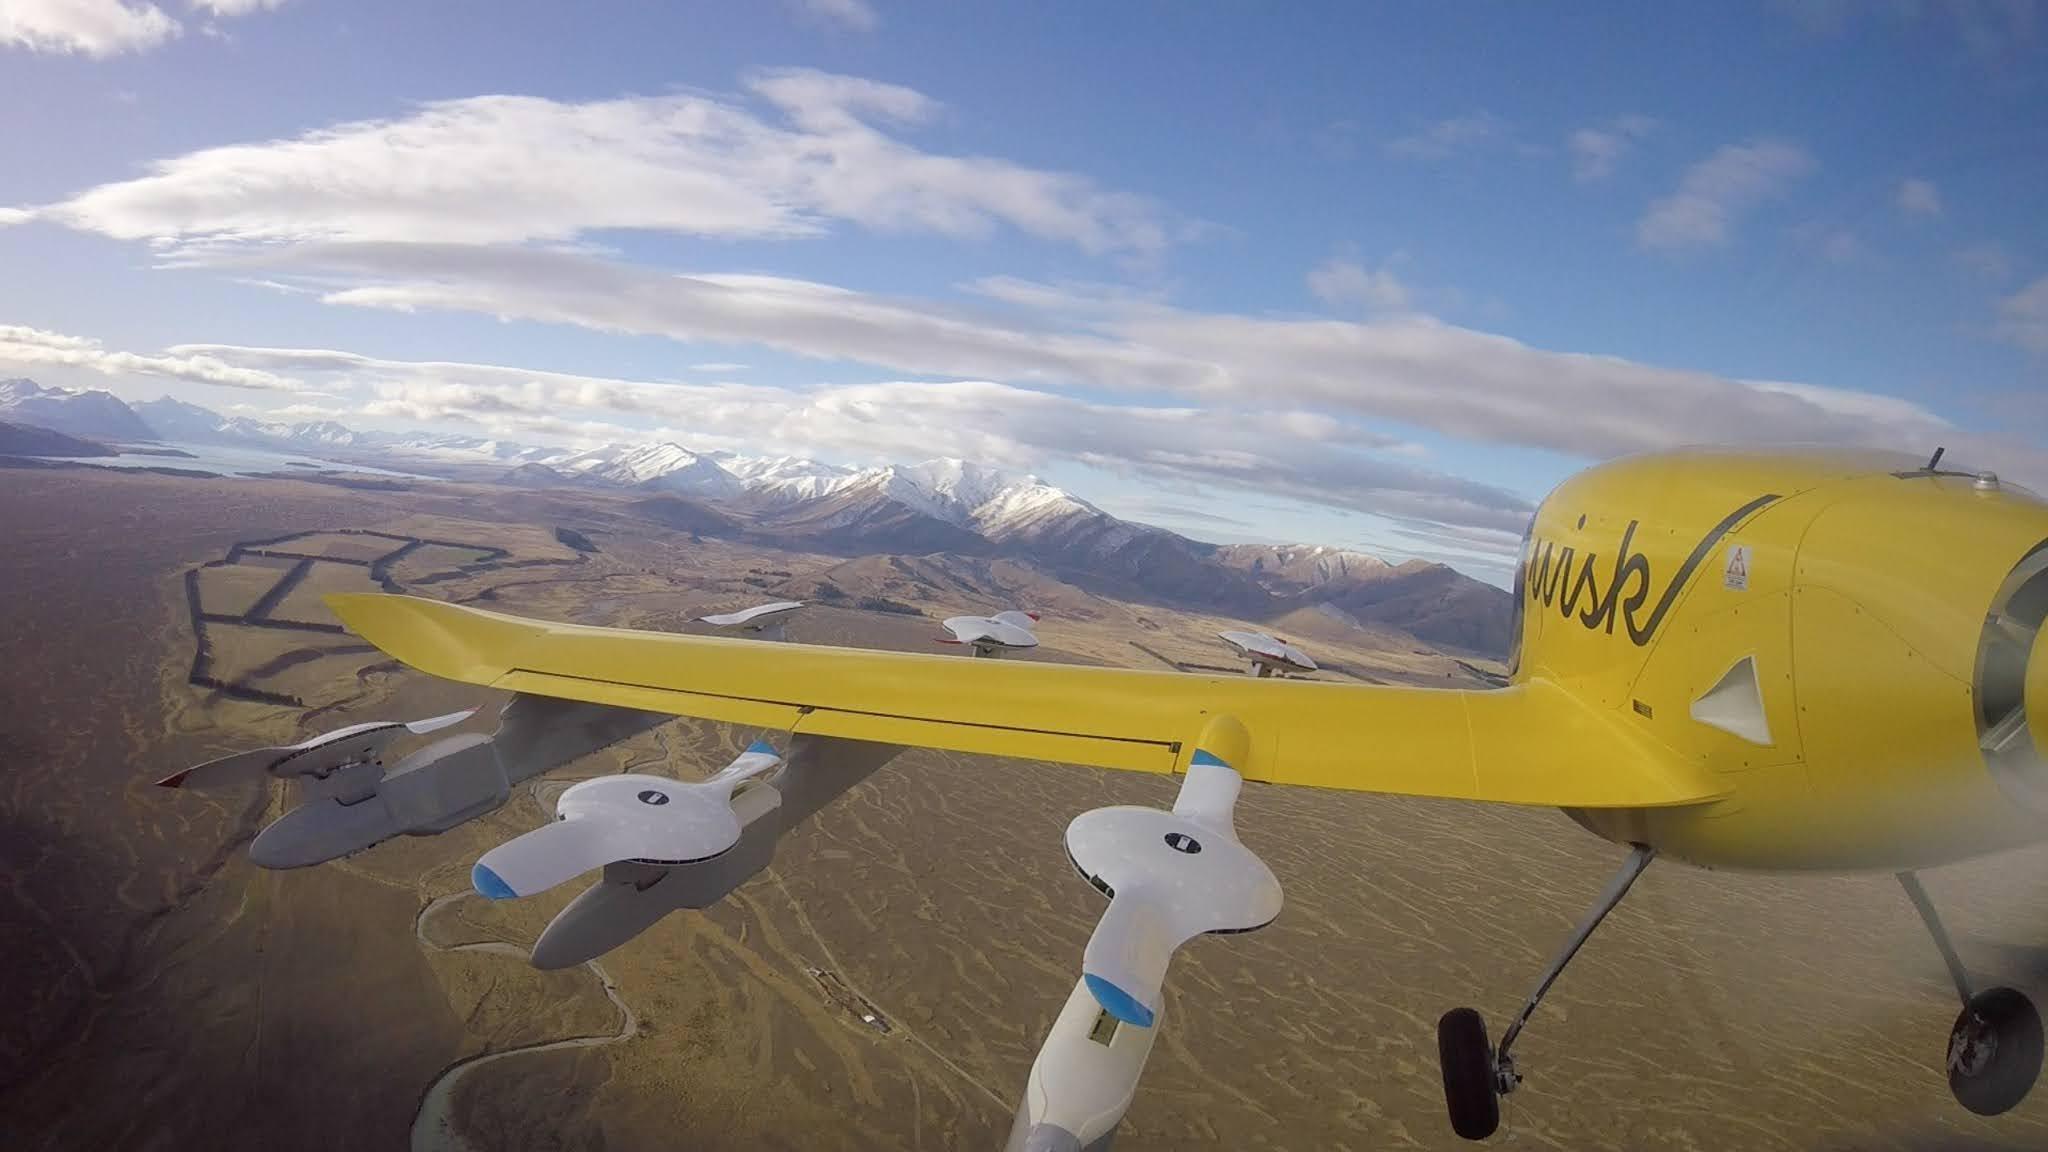 Wisk Prepares to Launch Trial to Advance Autonomous Passenger Transport